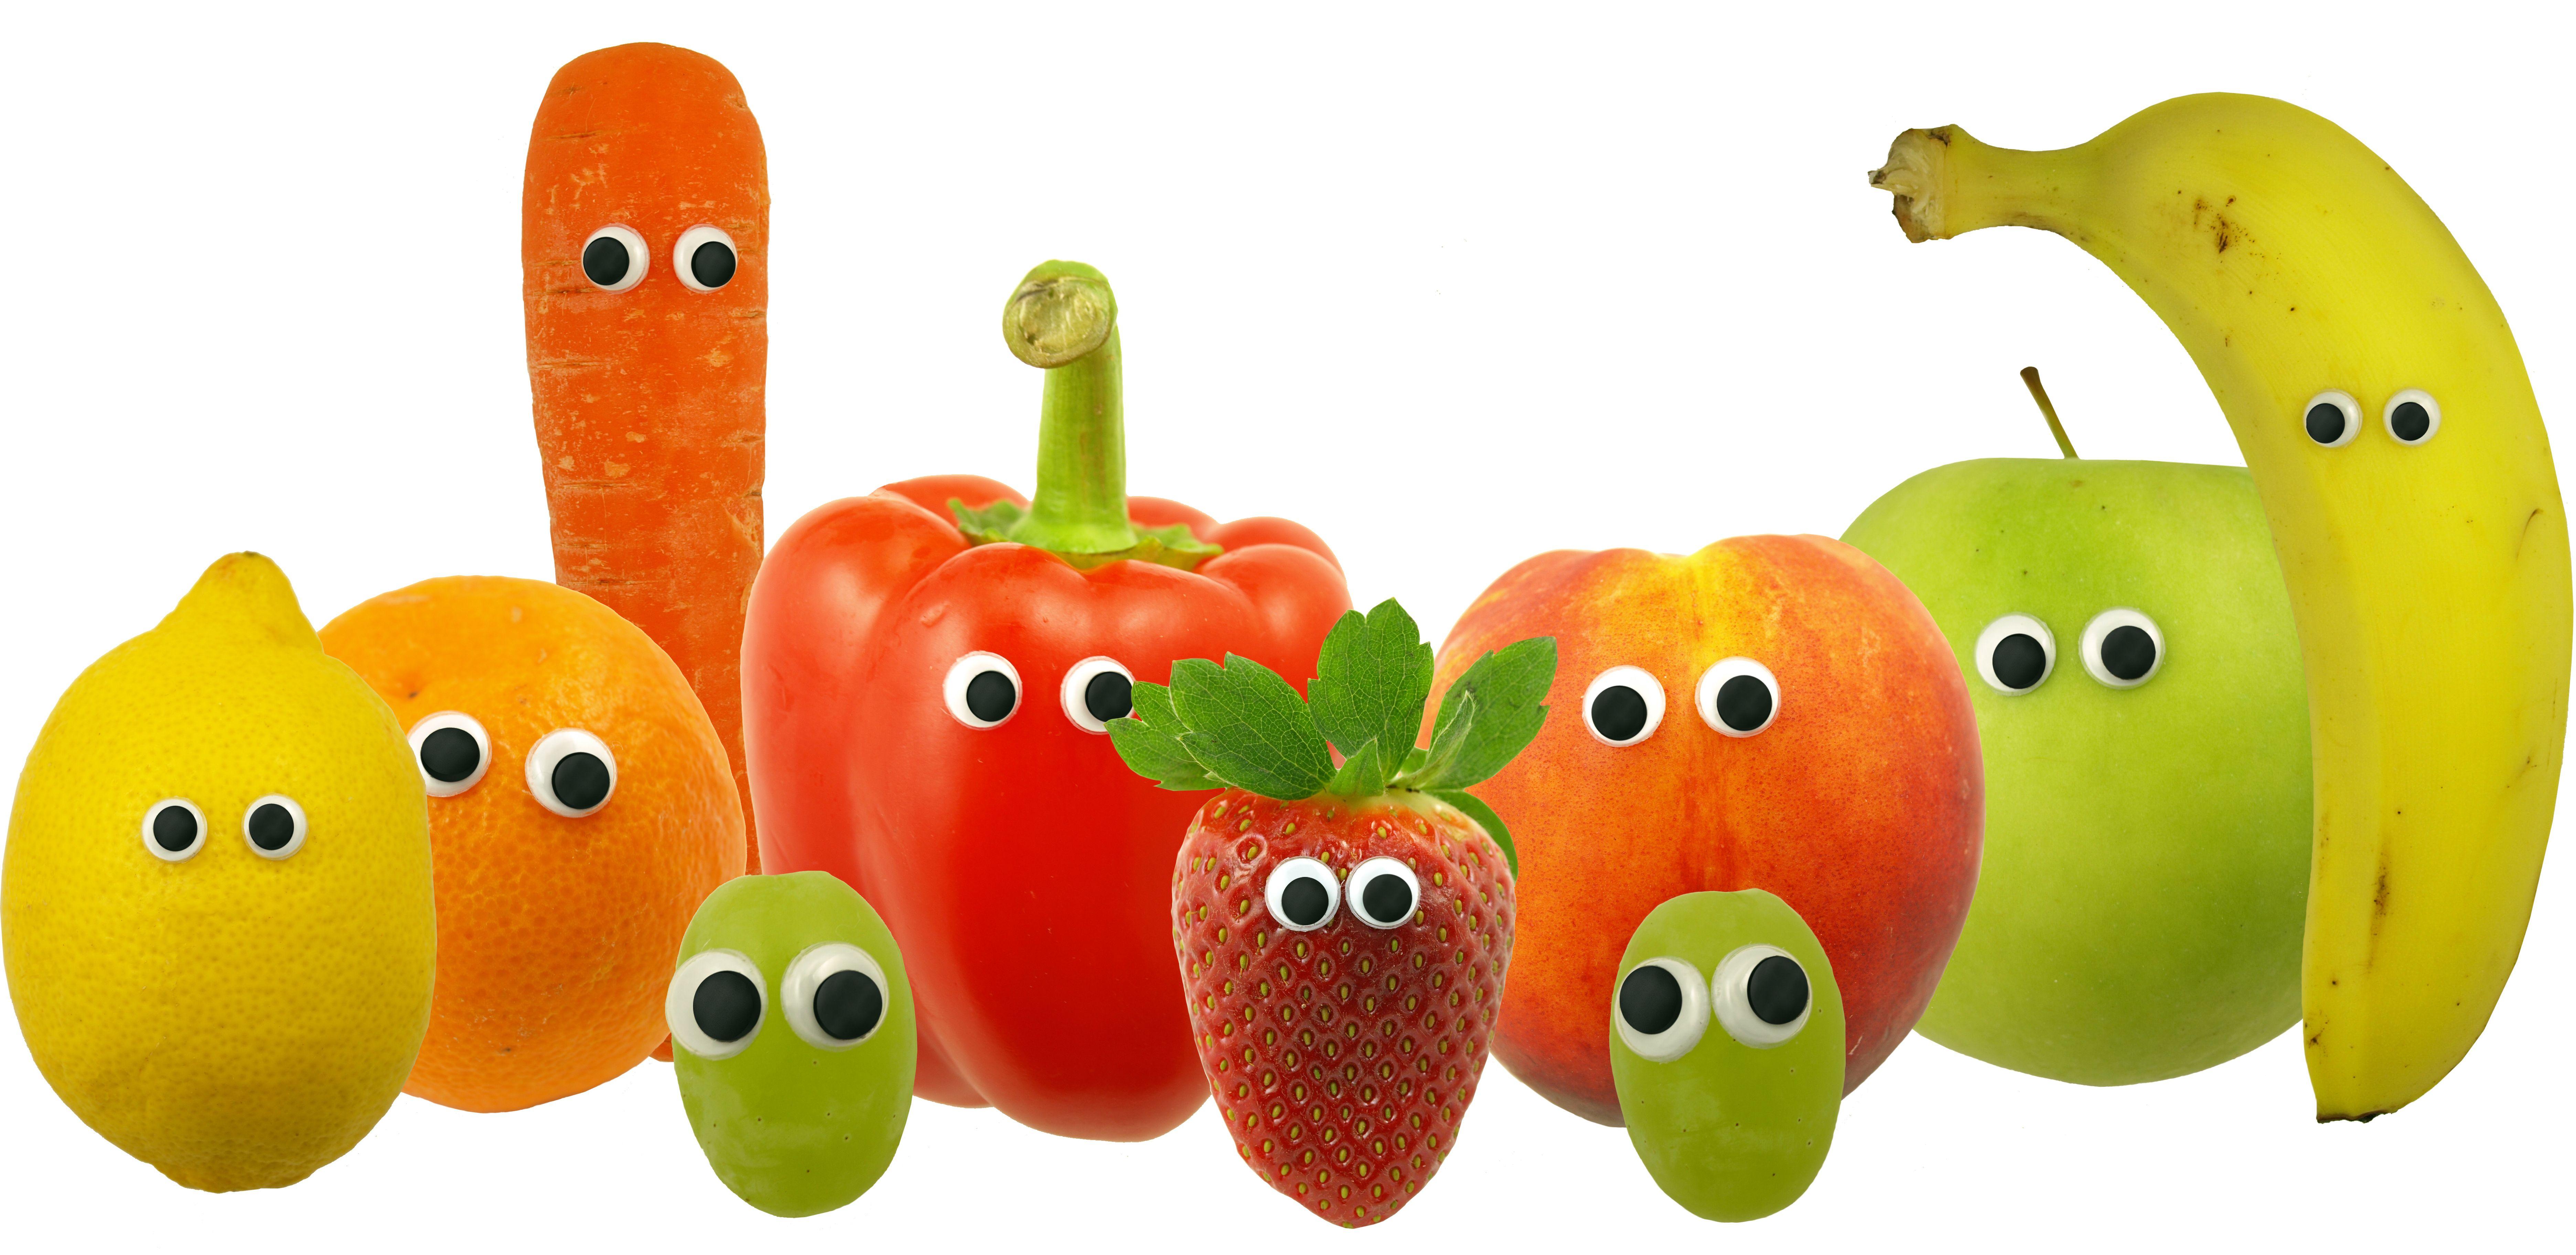 картинки живые витаминки может дойти